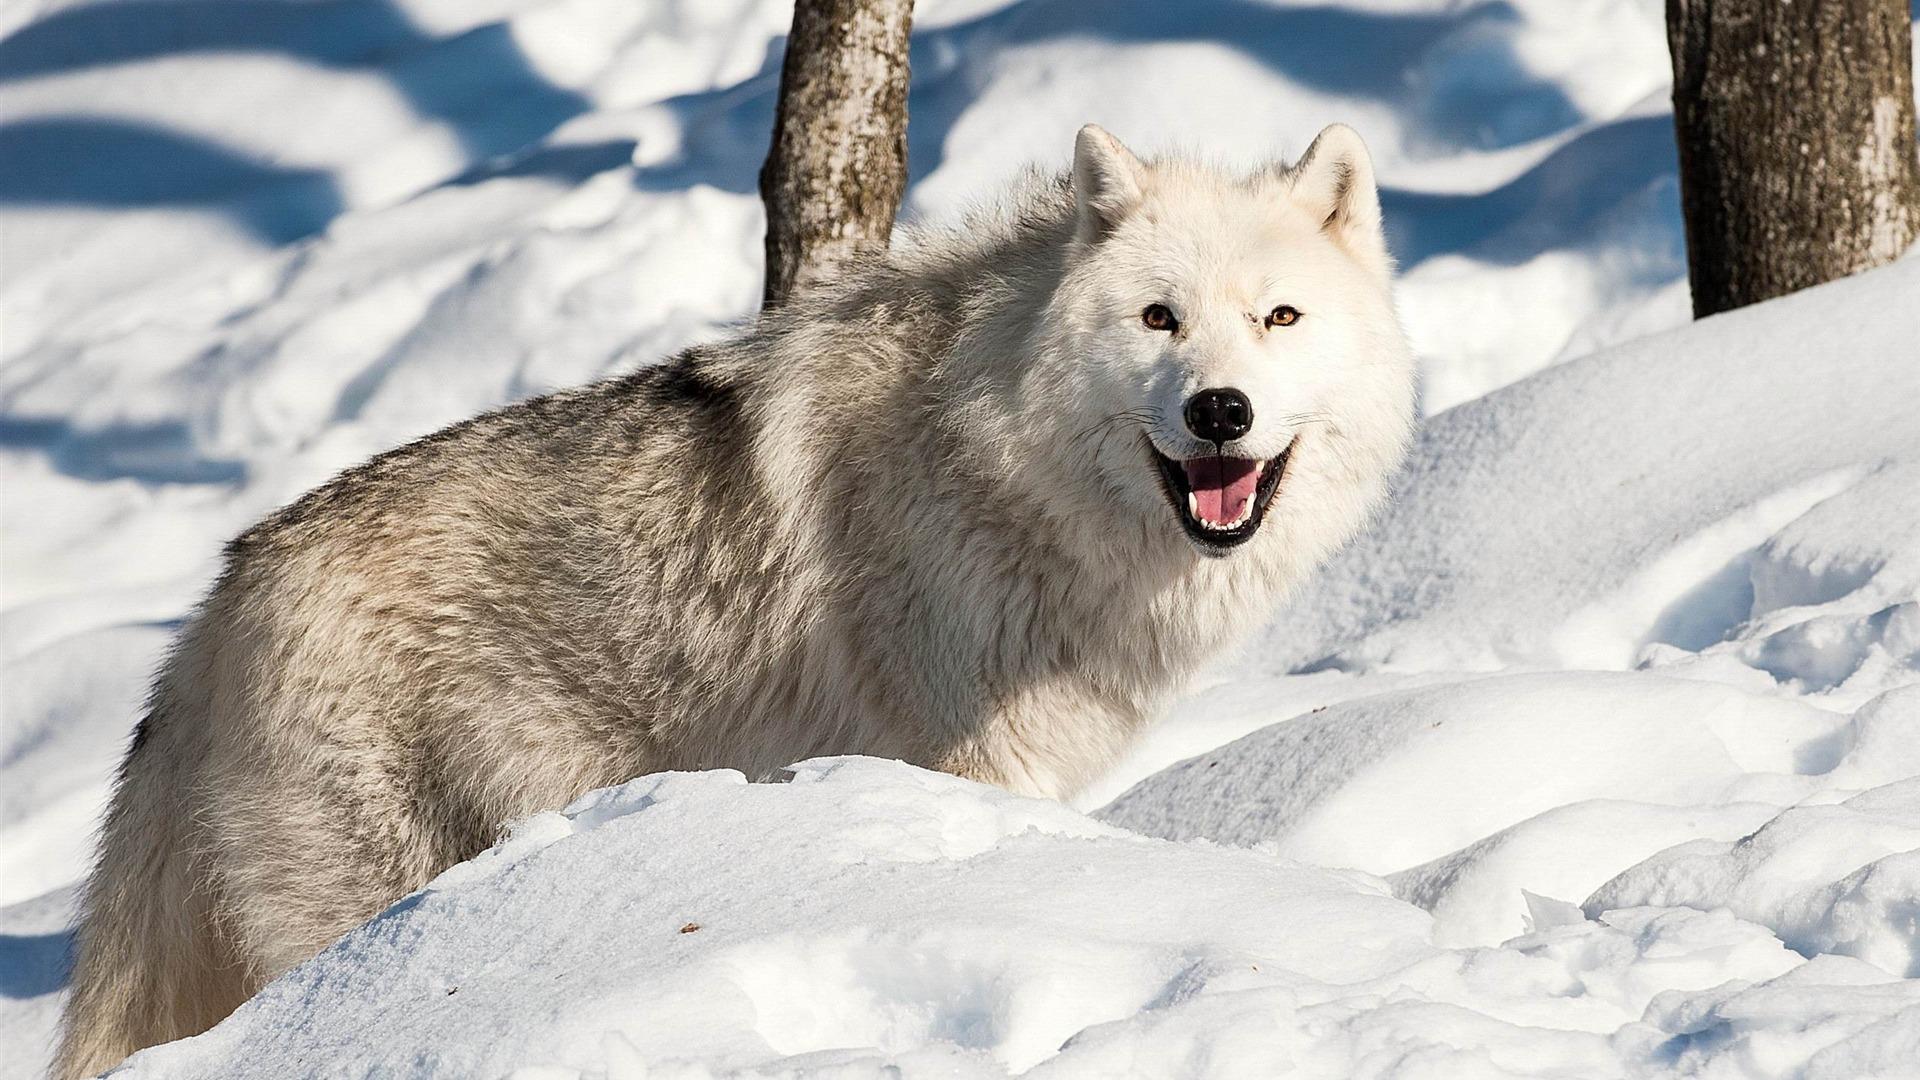 Chien loup neige de l 39 hiver animaux hd fonds d 39 cran for Fond ecran hiver animaux